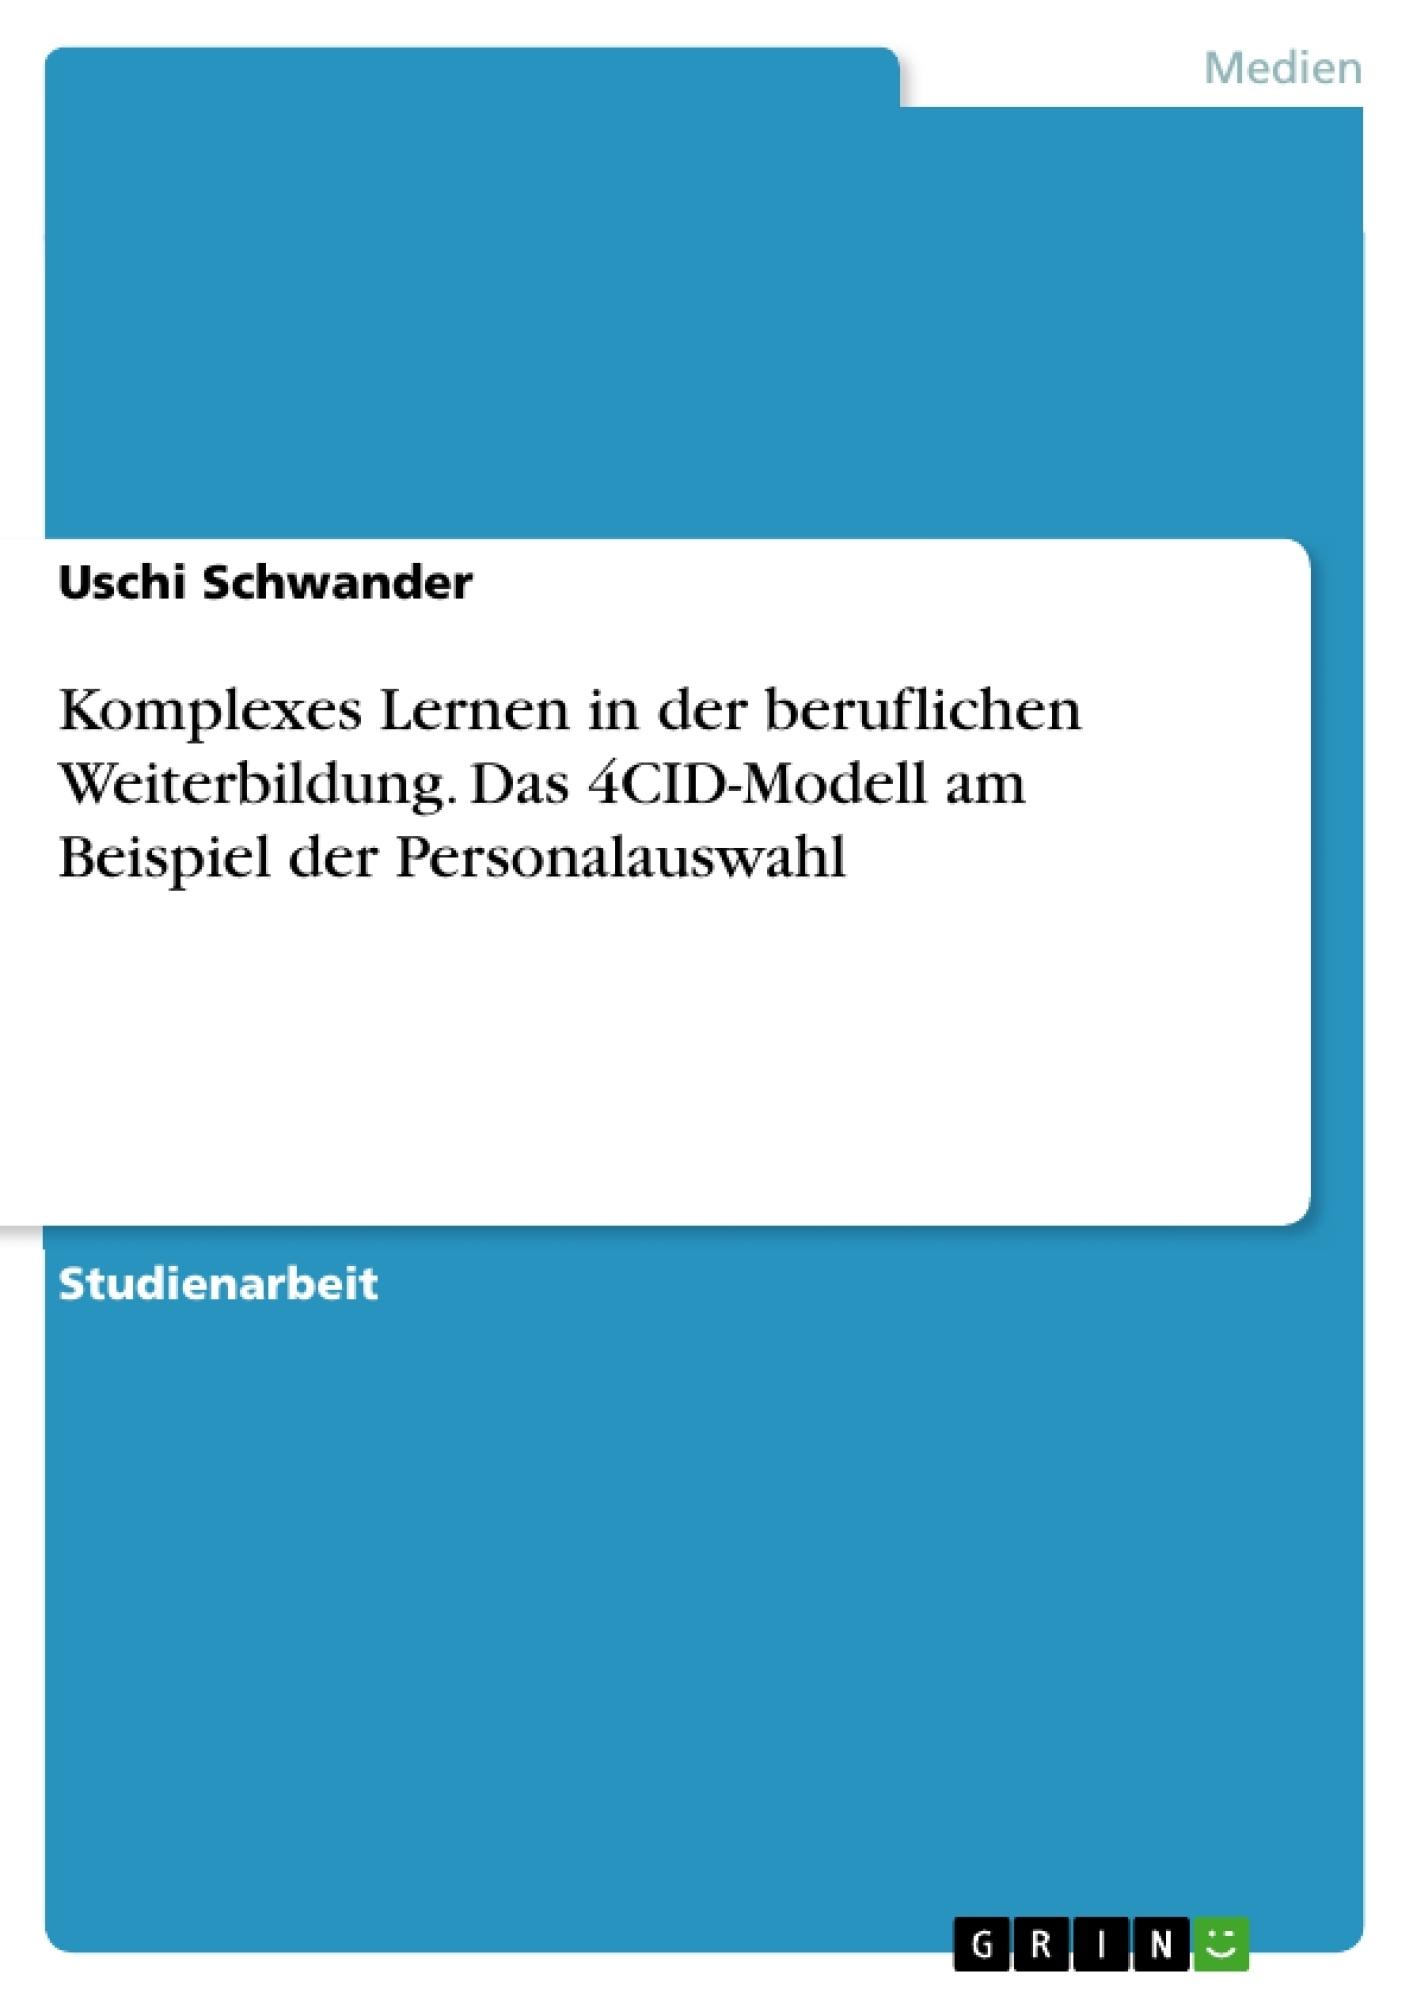 Titel: Komplexes Lernen in der beruflichen Weiterbildung. Das 4CID-Modell am Beispiel der Personalauswahl